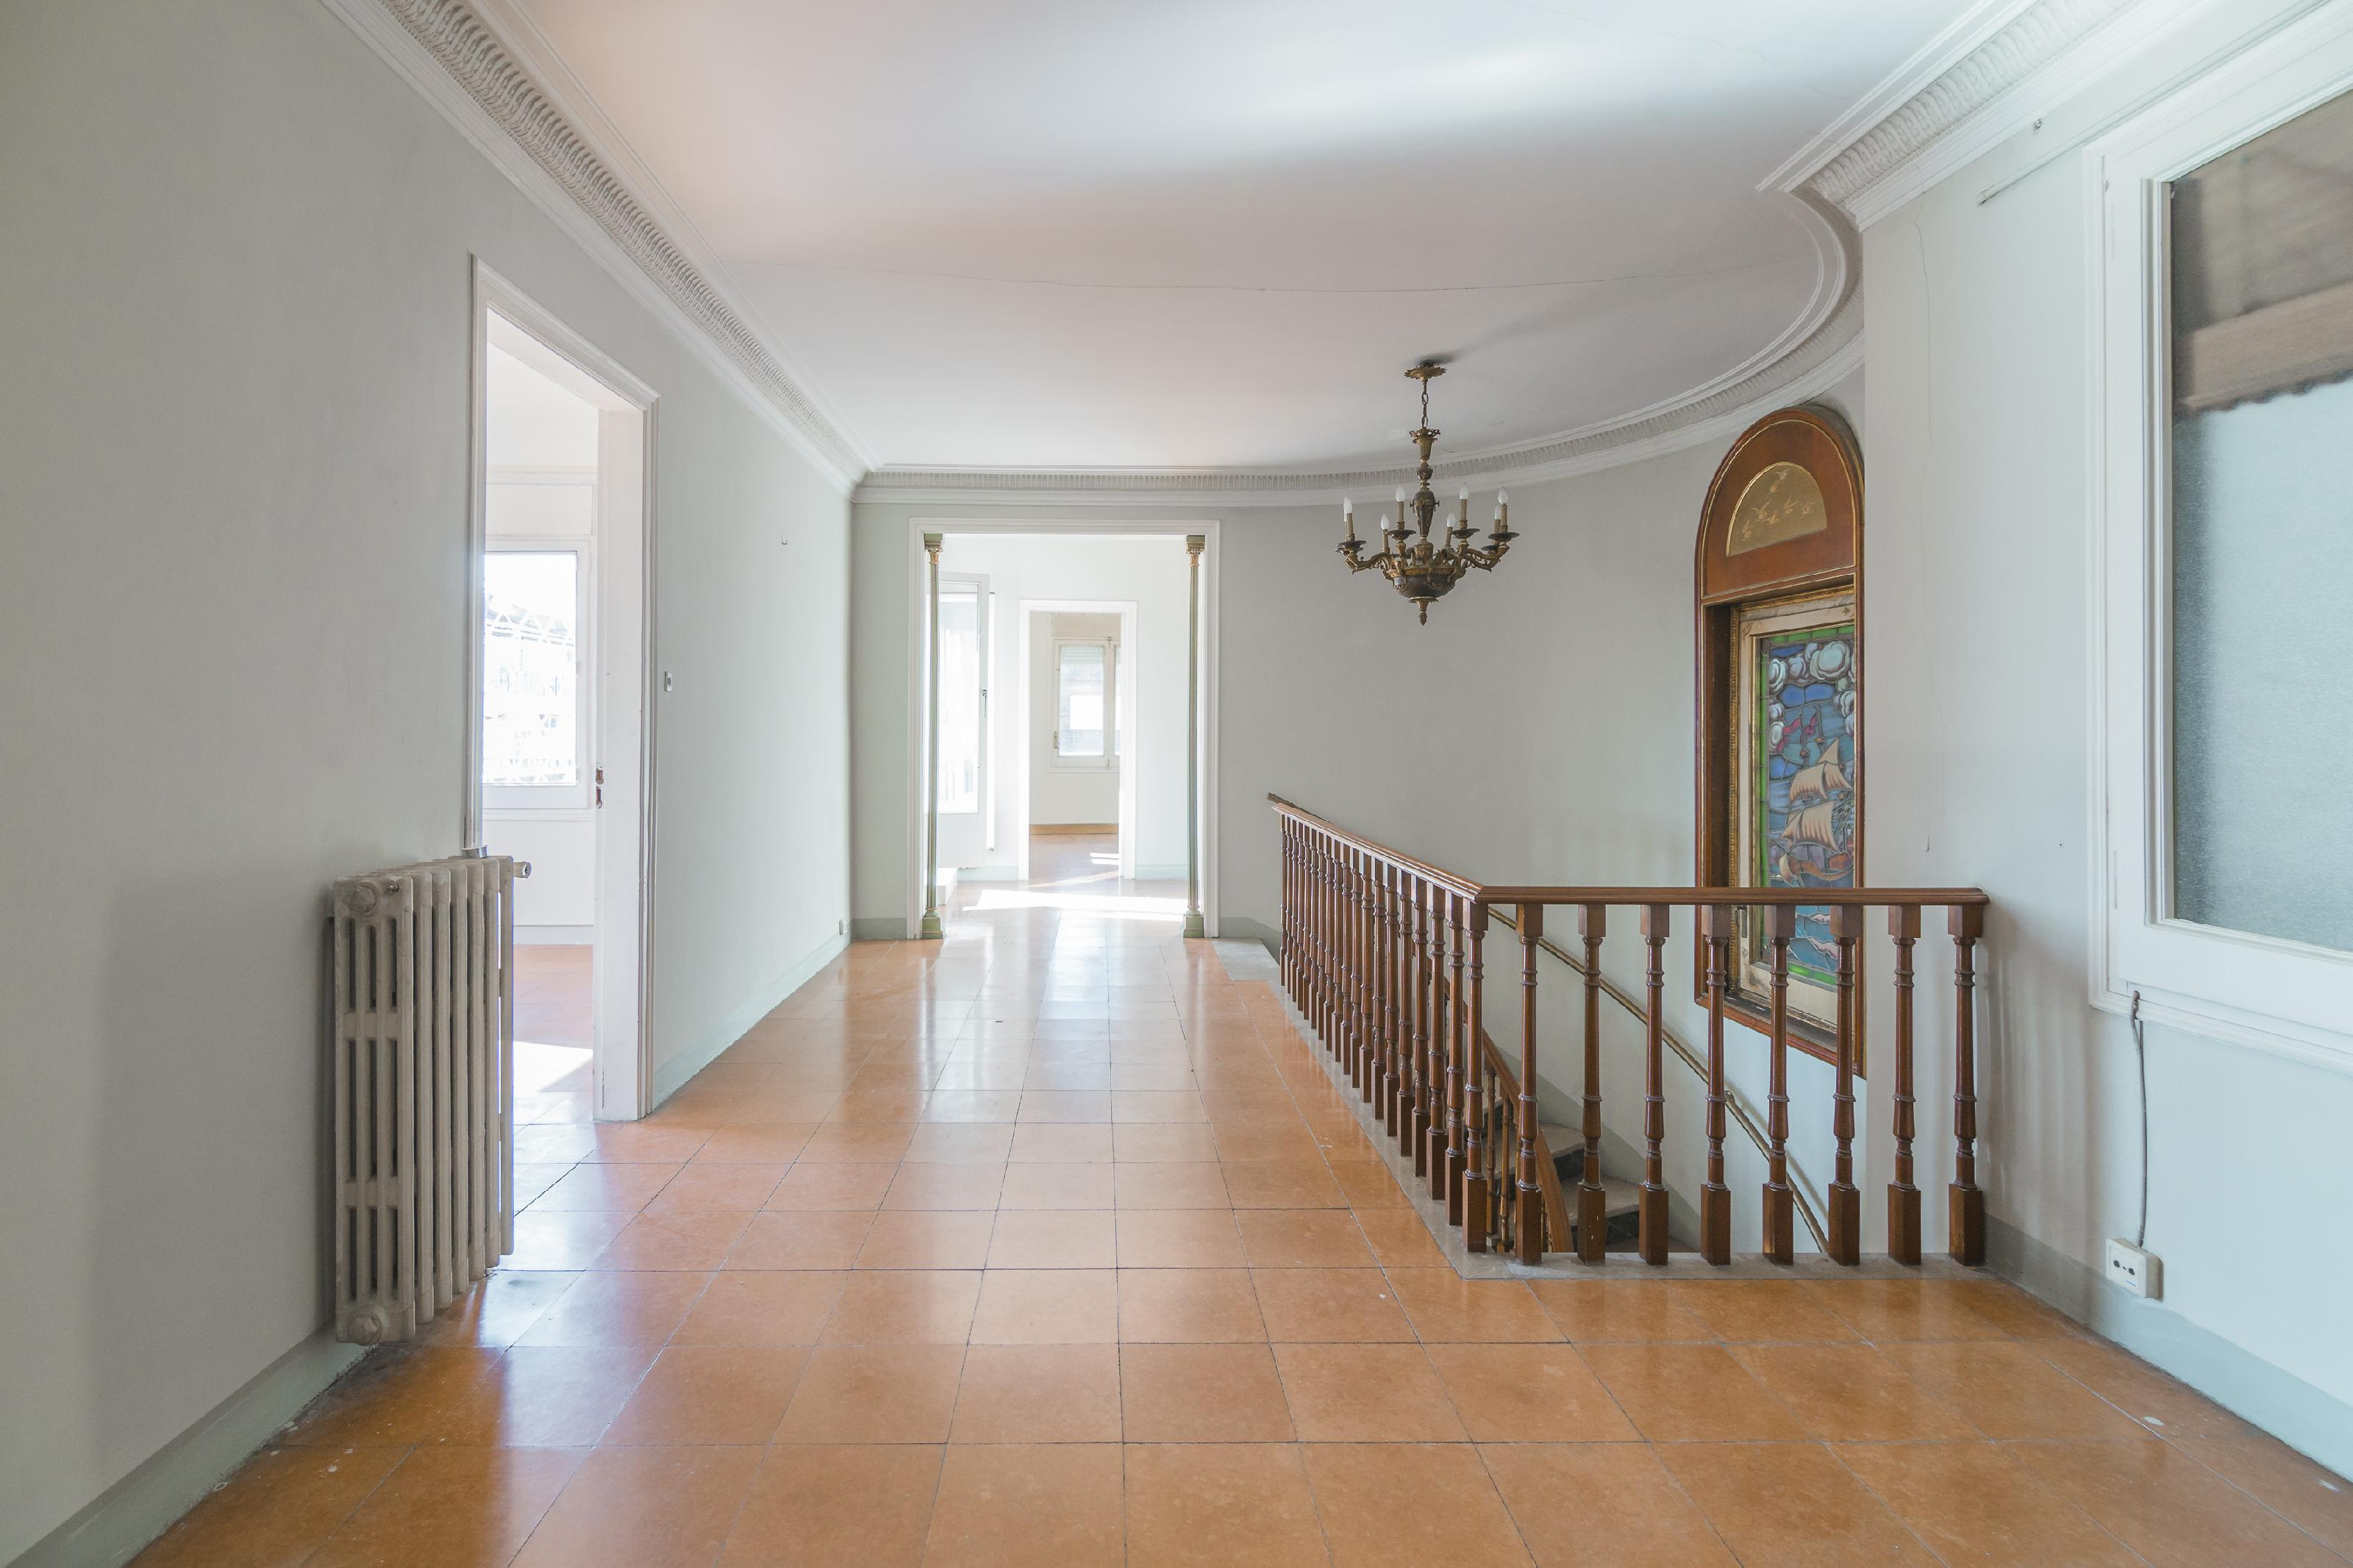 246643 Penthouse for sale in Sarrià-Sant Gervasi, St. Gervasi-Bonanova 7